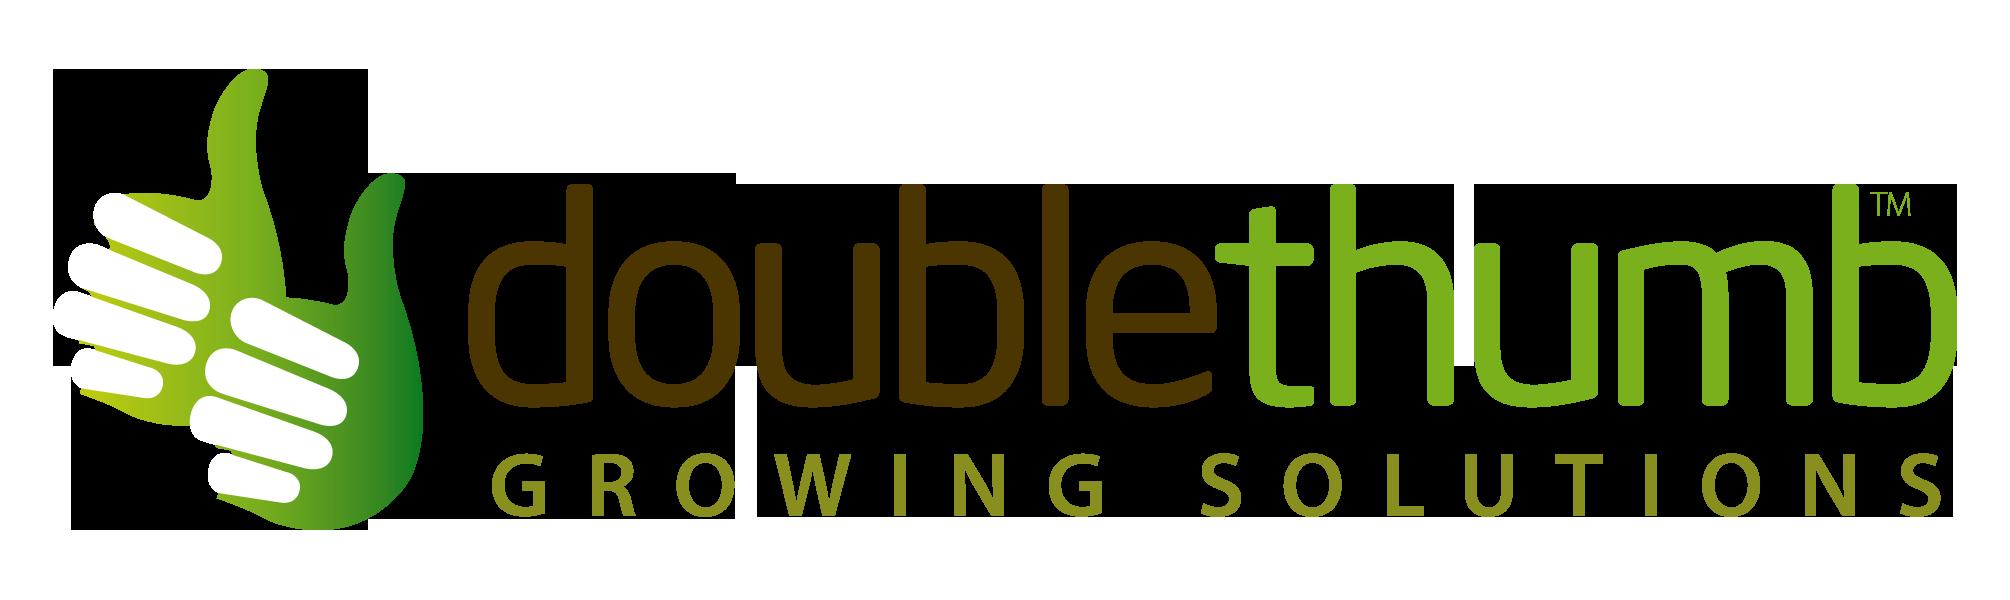 coir distributor Doublethumb logo